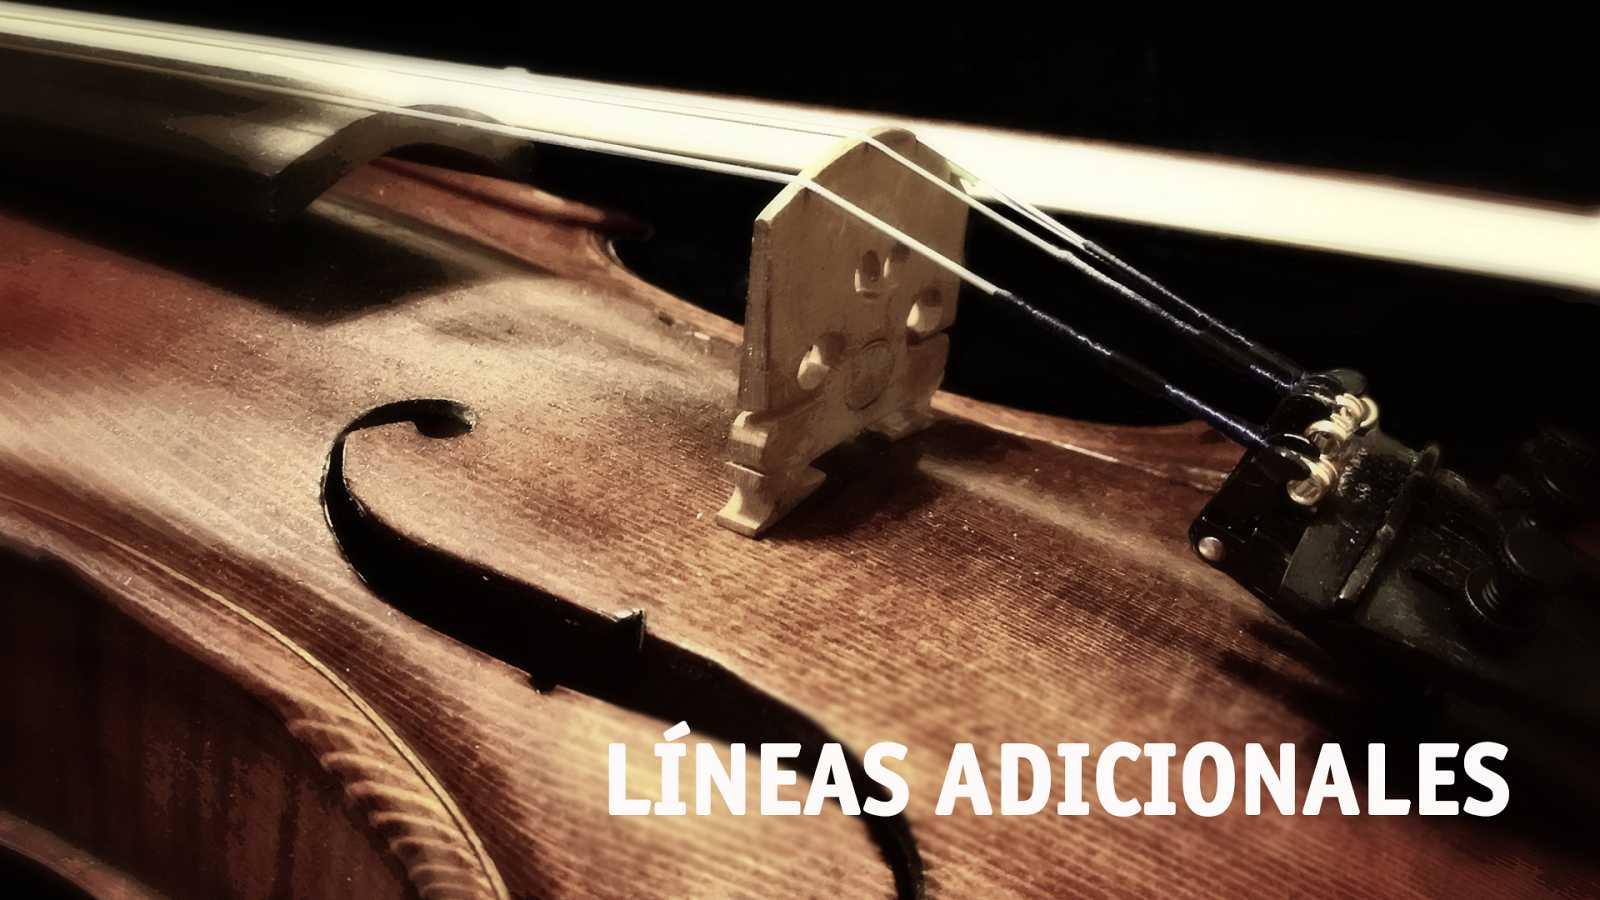 Líneas adicionales - 12/06/17 - escuchar ahora